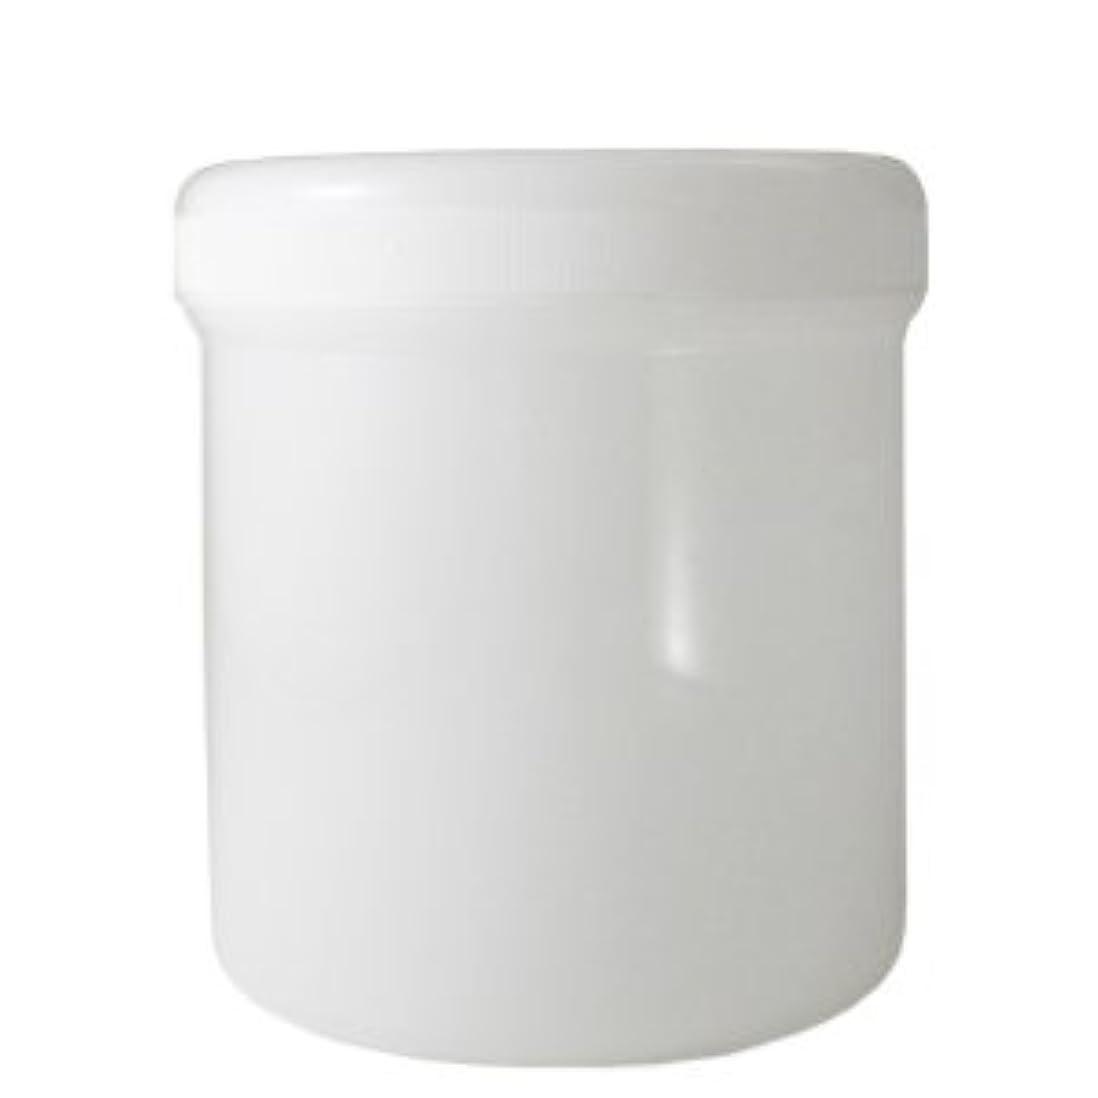 敬な放課後ボイドナンコー容器 クリームジャー化粧品容器 550ml